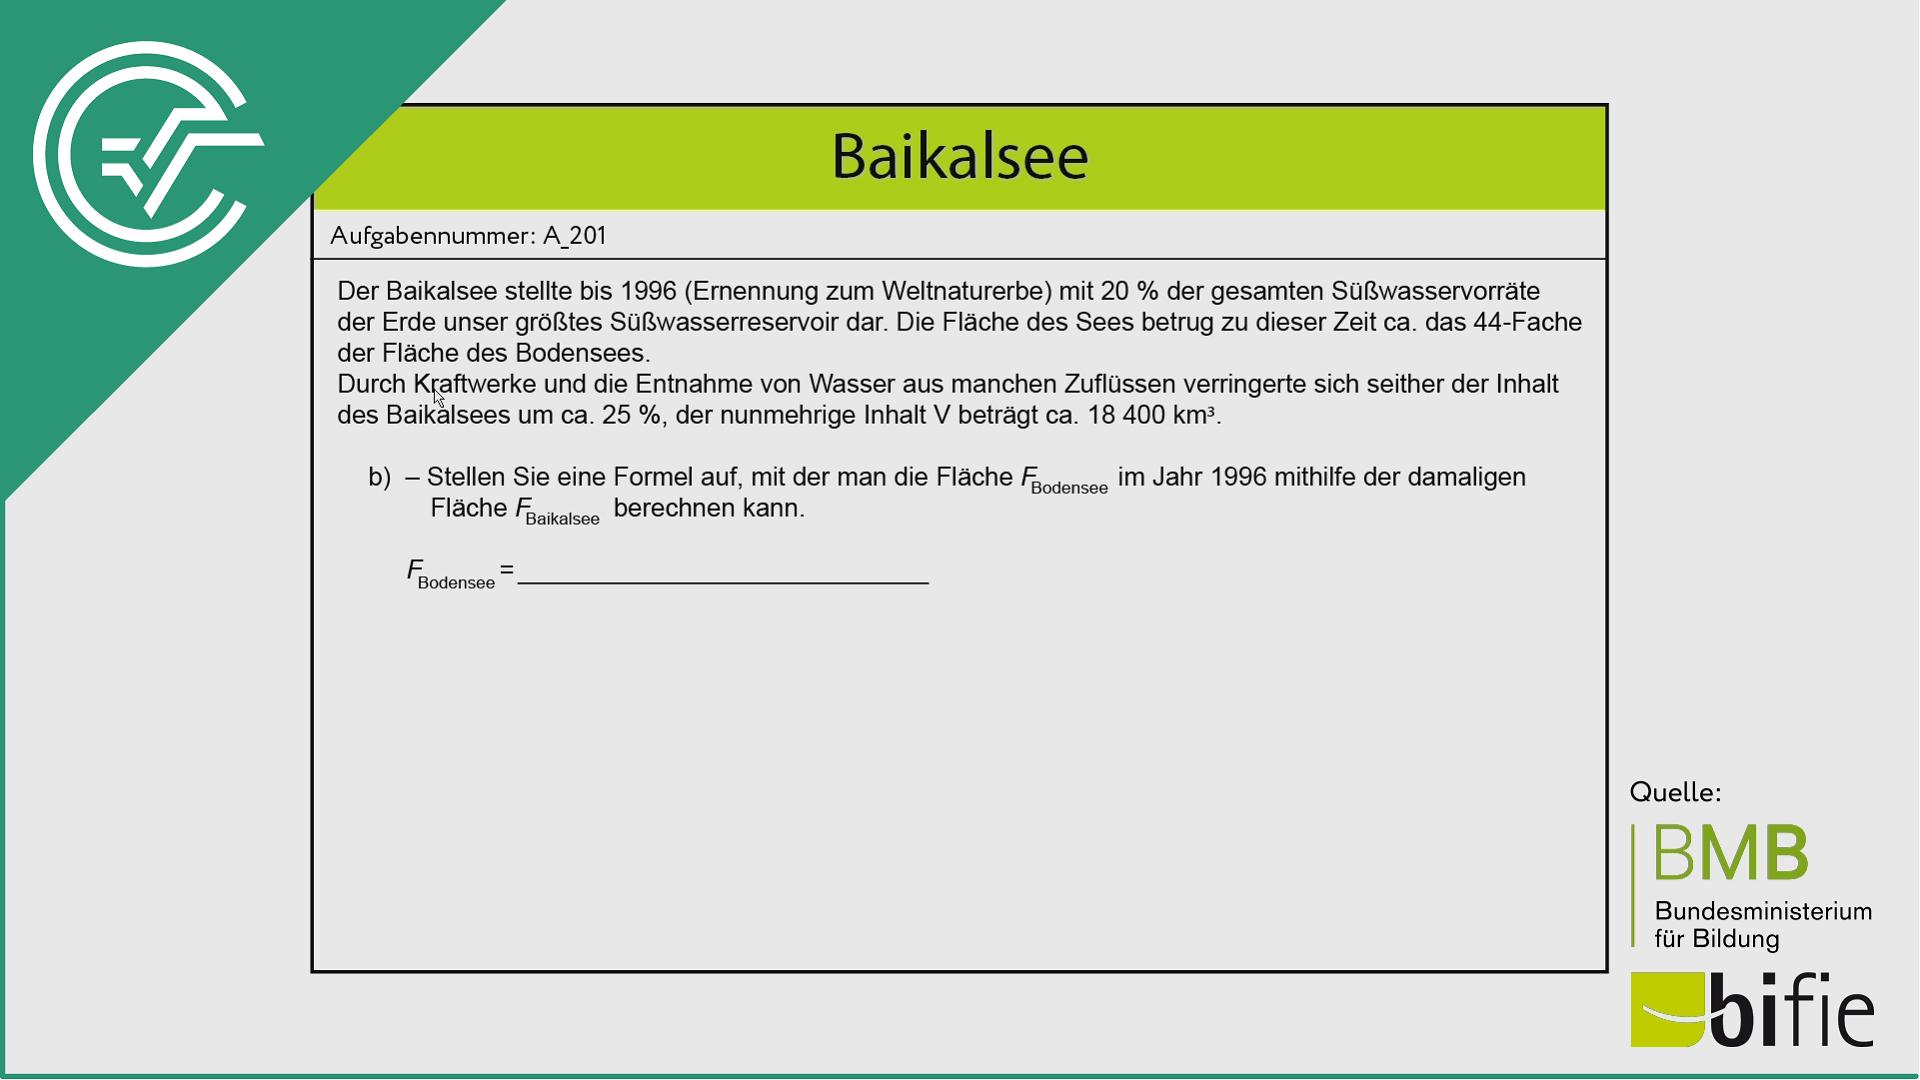 A_201 Baikalsee b [Flächenberechnung]